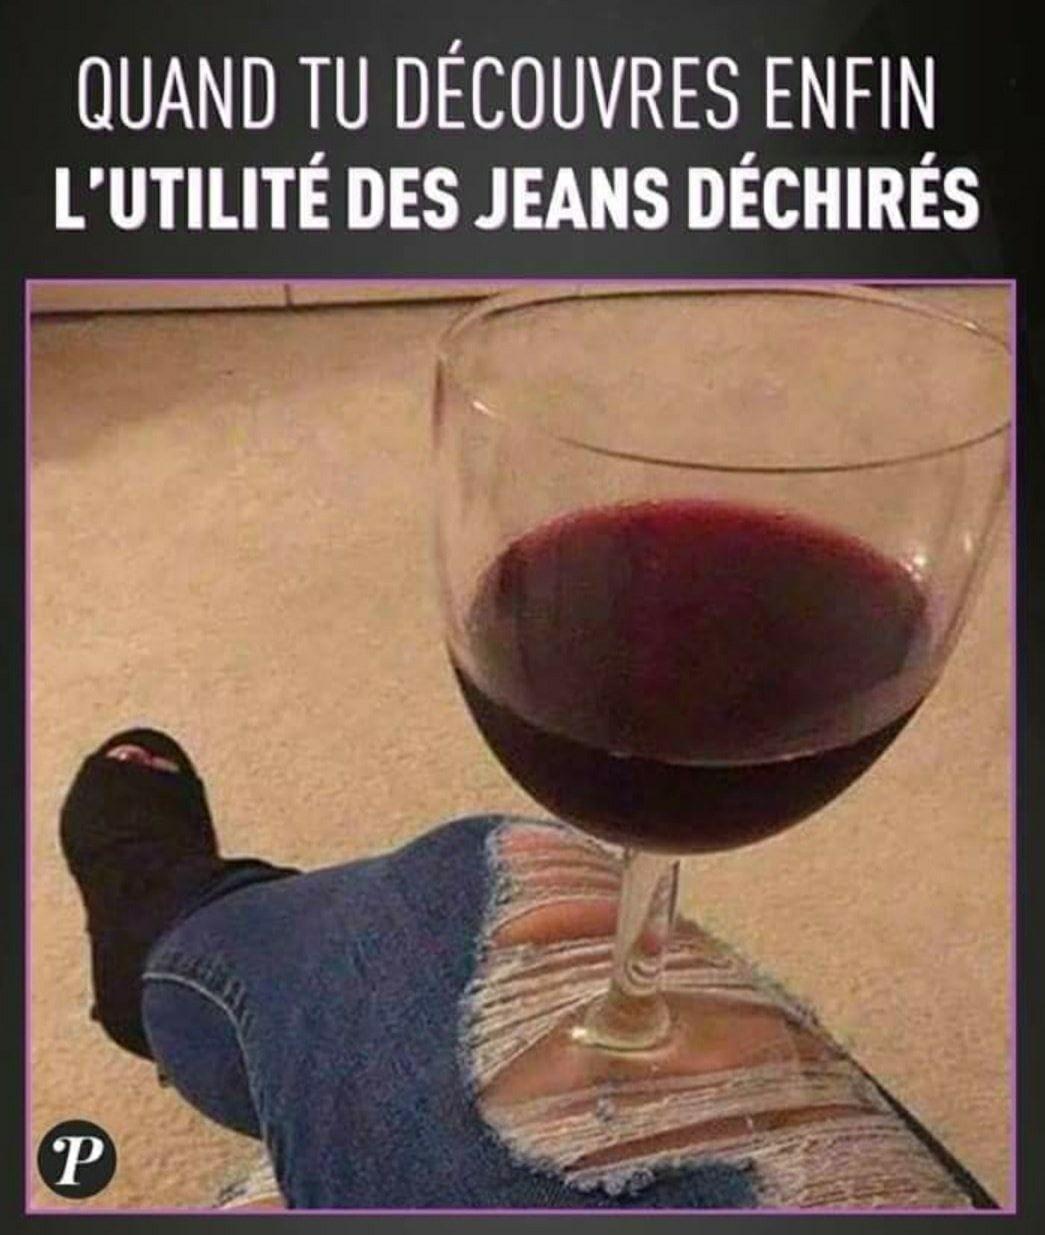 Quand tu découvres enfin l'utilité des jeans déchirés